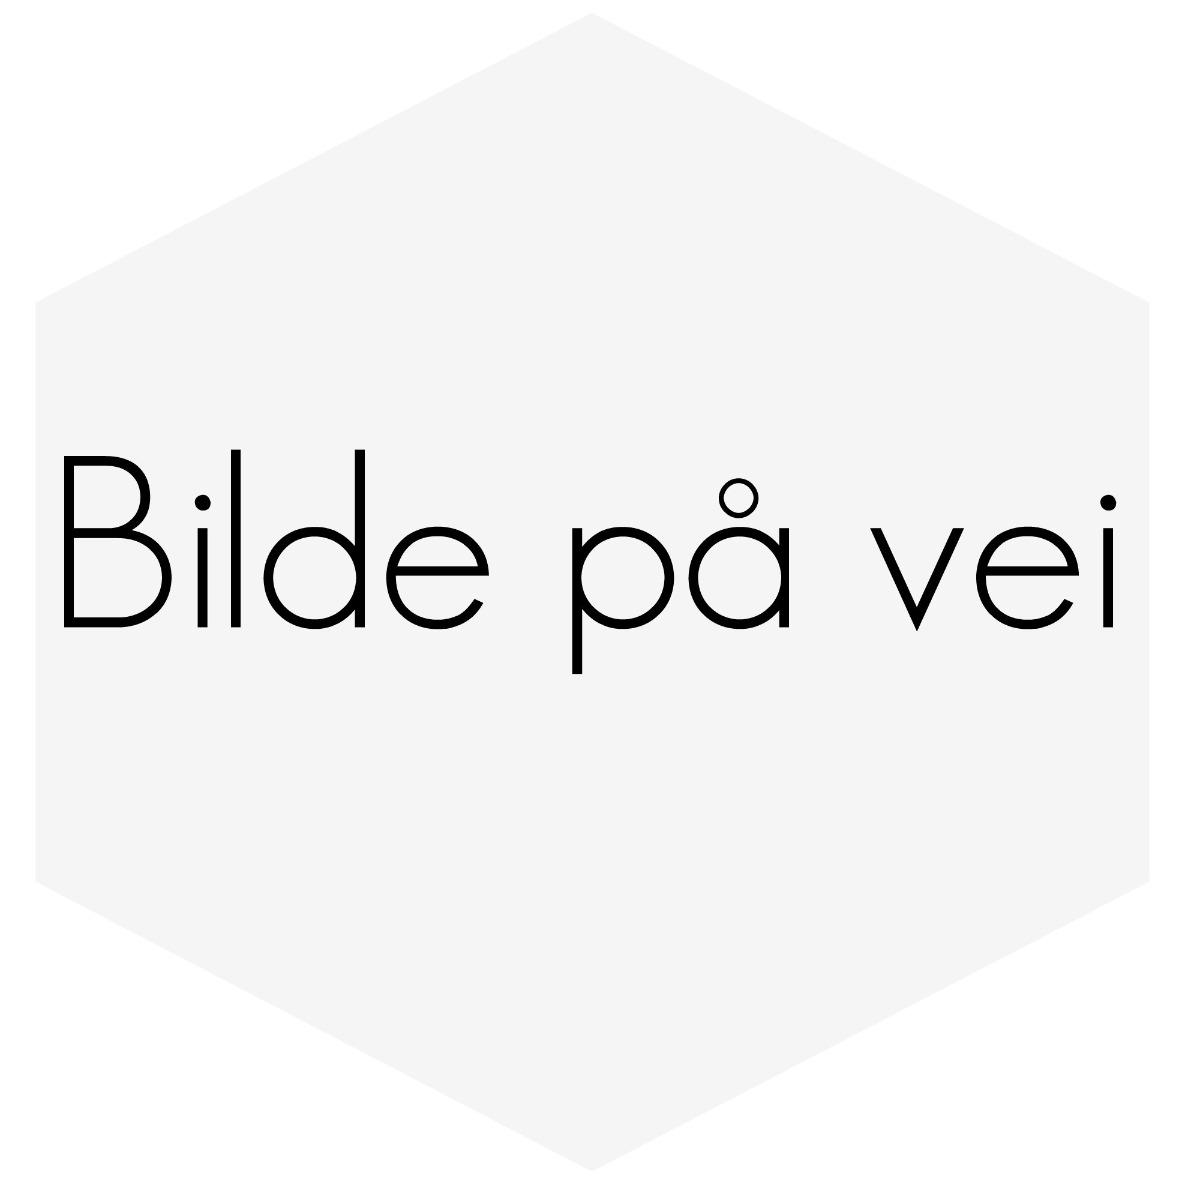 STEMPELFJÆRSATS. VOLVO B230 234 0,30 OVERDIM. SETT TIL 4 .